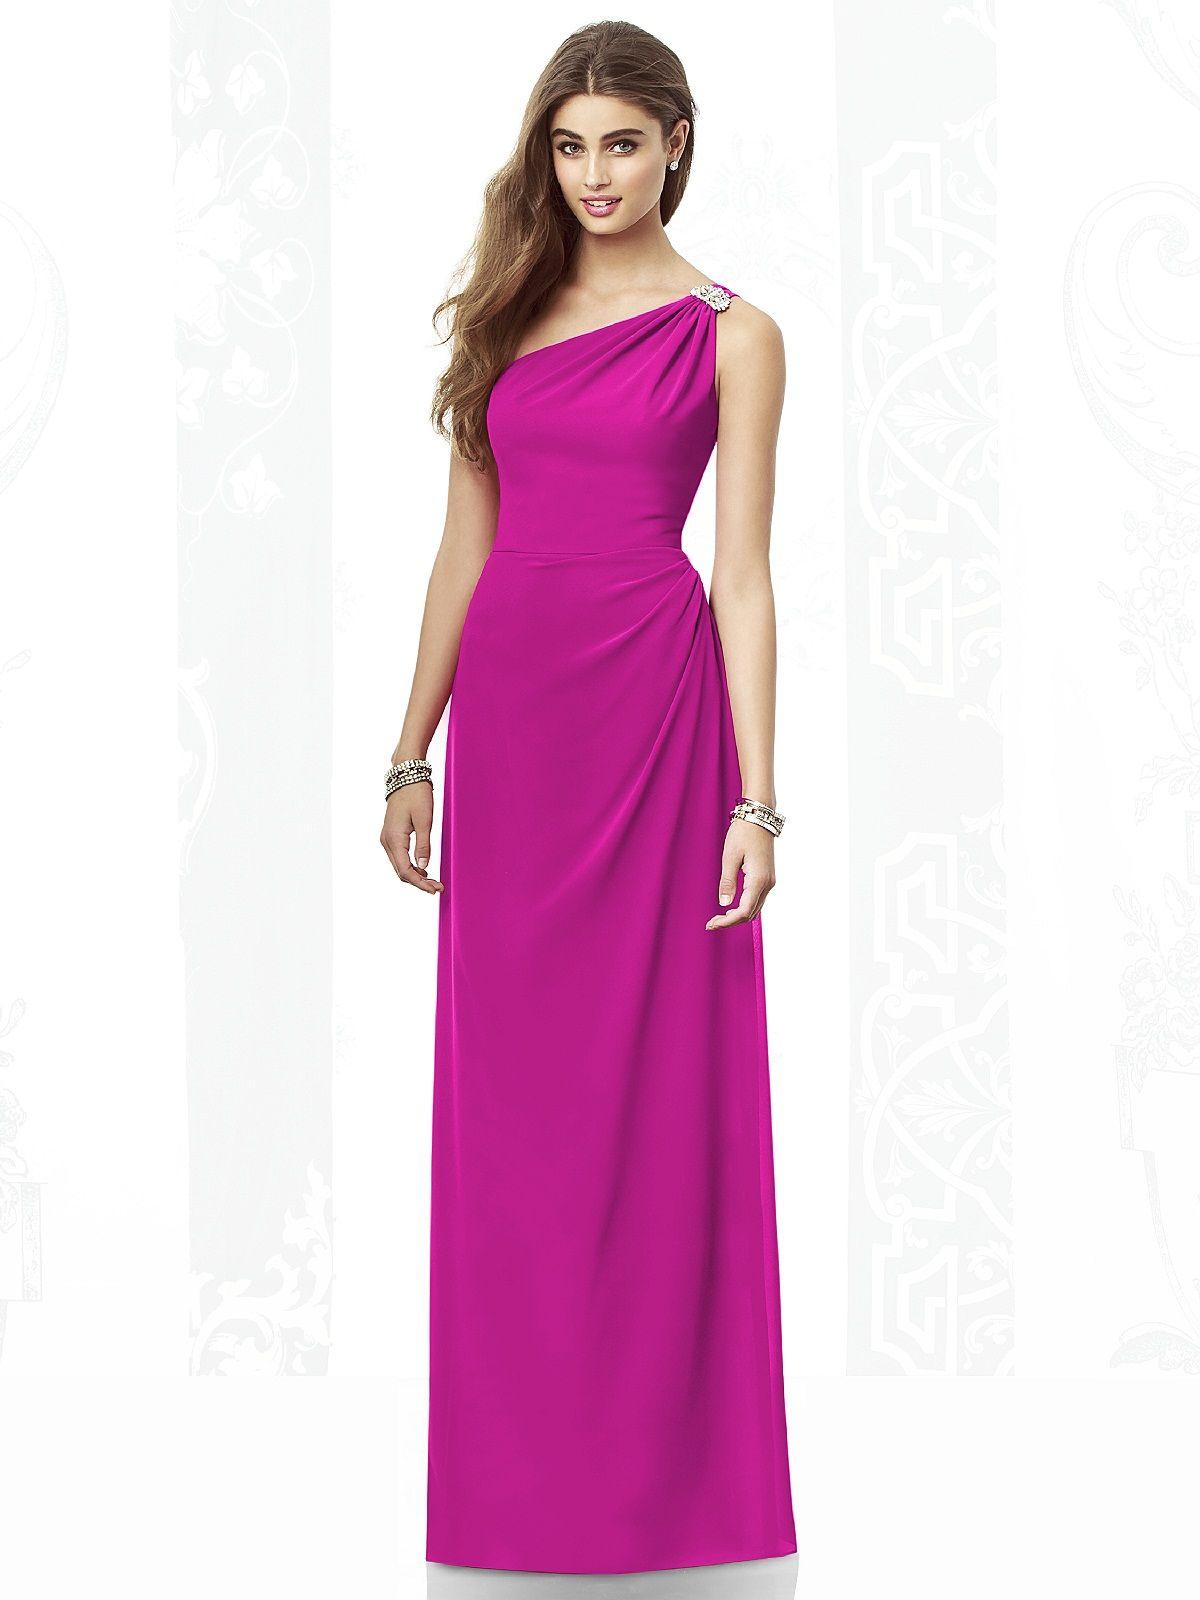 One shoulder bridesmaid dresses - great for adding a bit of va va ...